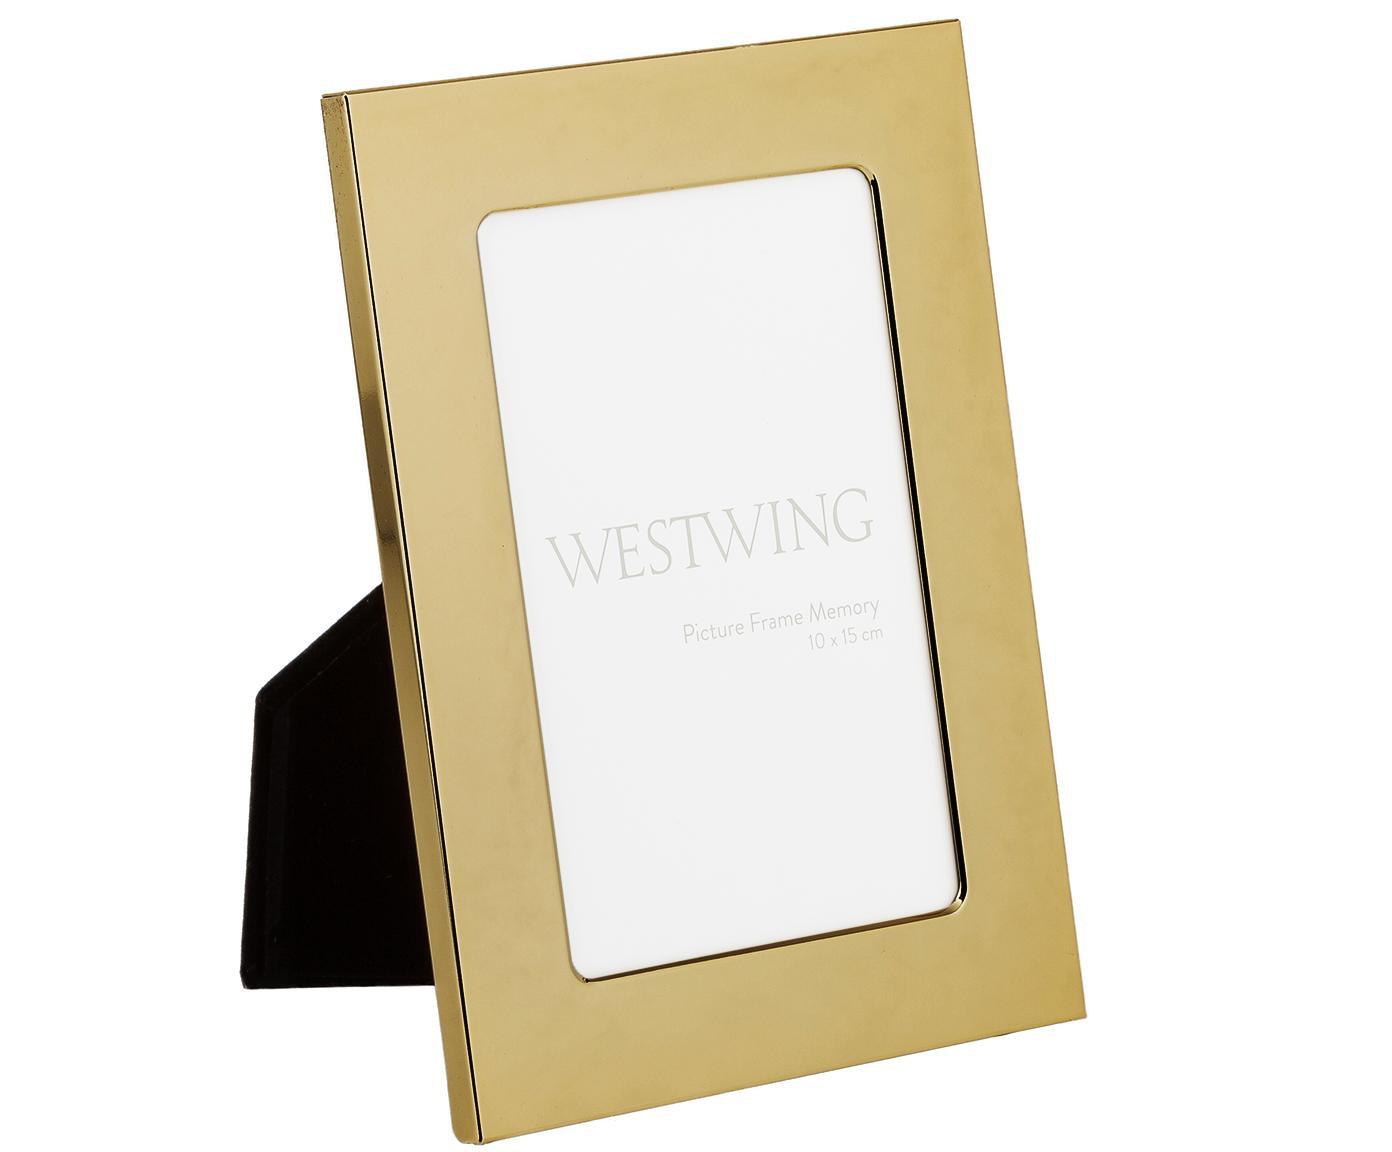 Bilderrahmen Memory, Rahmen: Eisen, hochglanz lackiert, Front: Glas, spiegelnd, Goldfarben, 10 x 15 cm